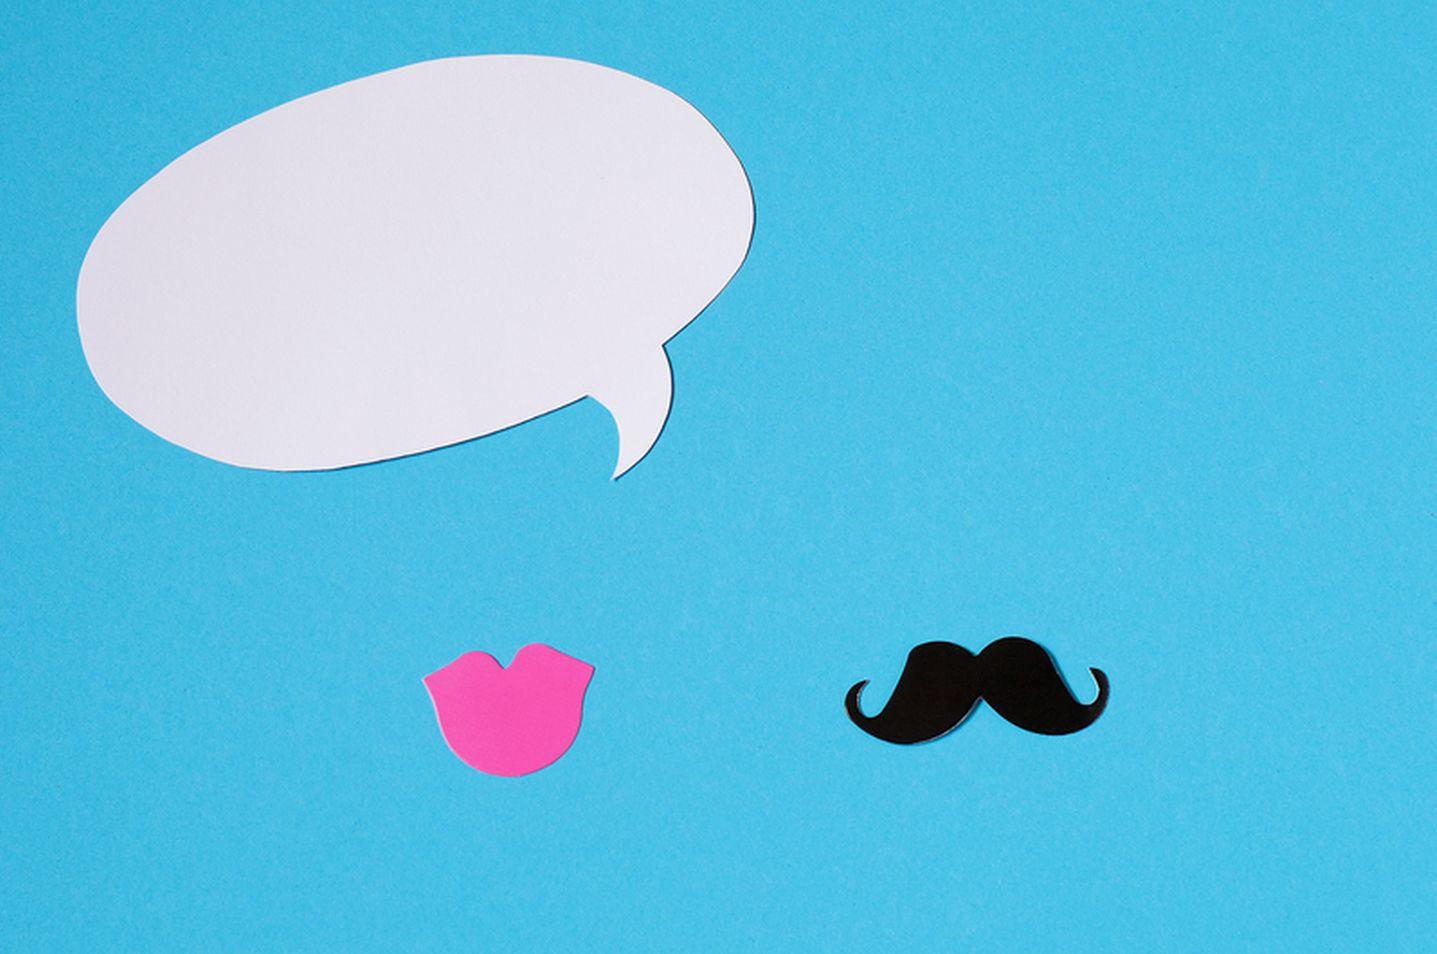 Gendergerechte Sprache. Go2/photocase.de